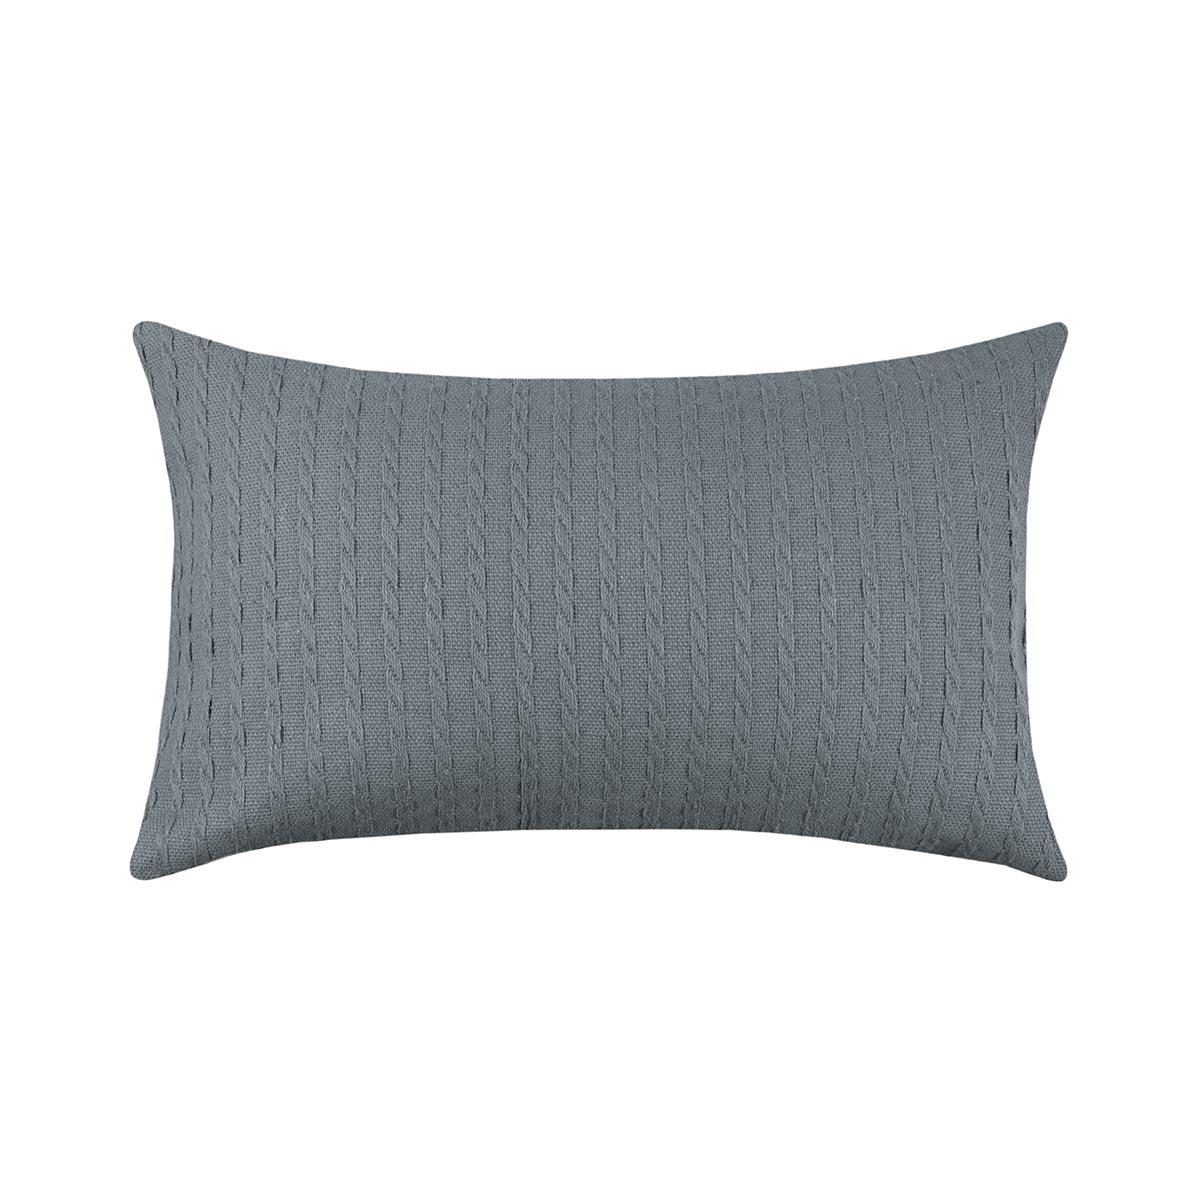 Διακοσμητικό Μαξιλάρι (30×50) S-F Pietro Gris C3A174005